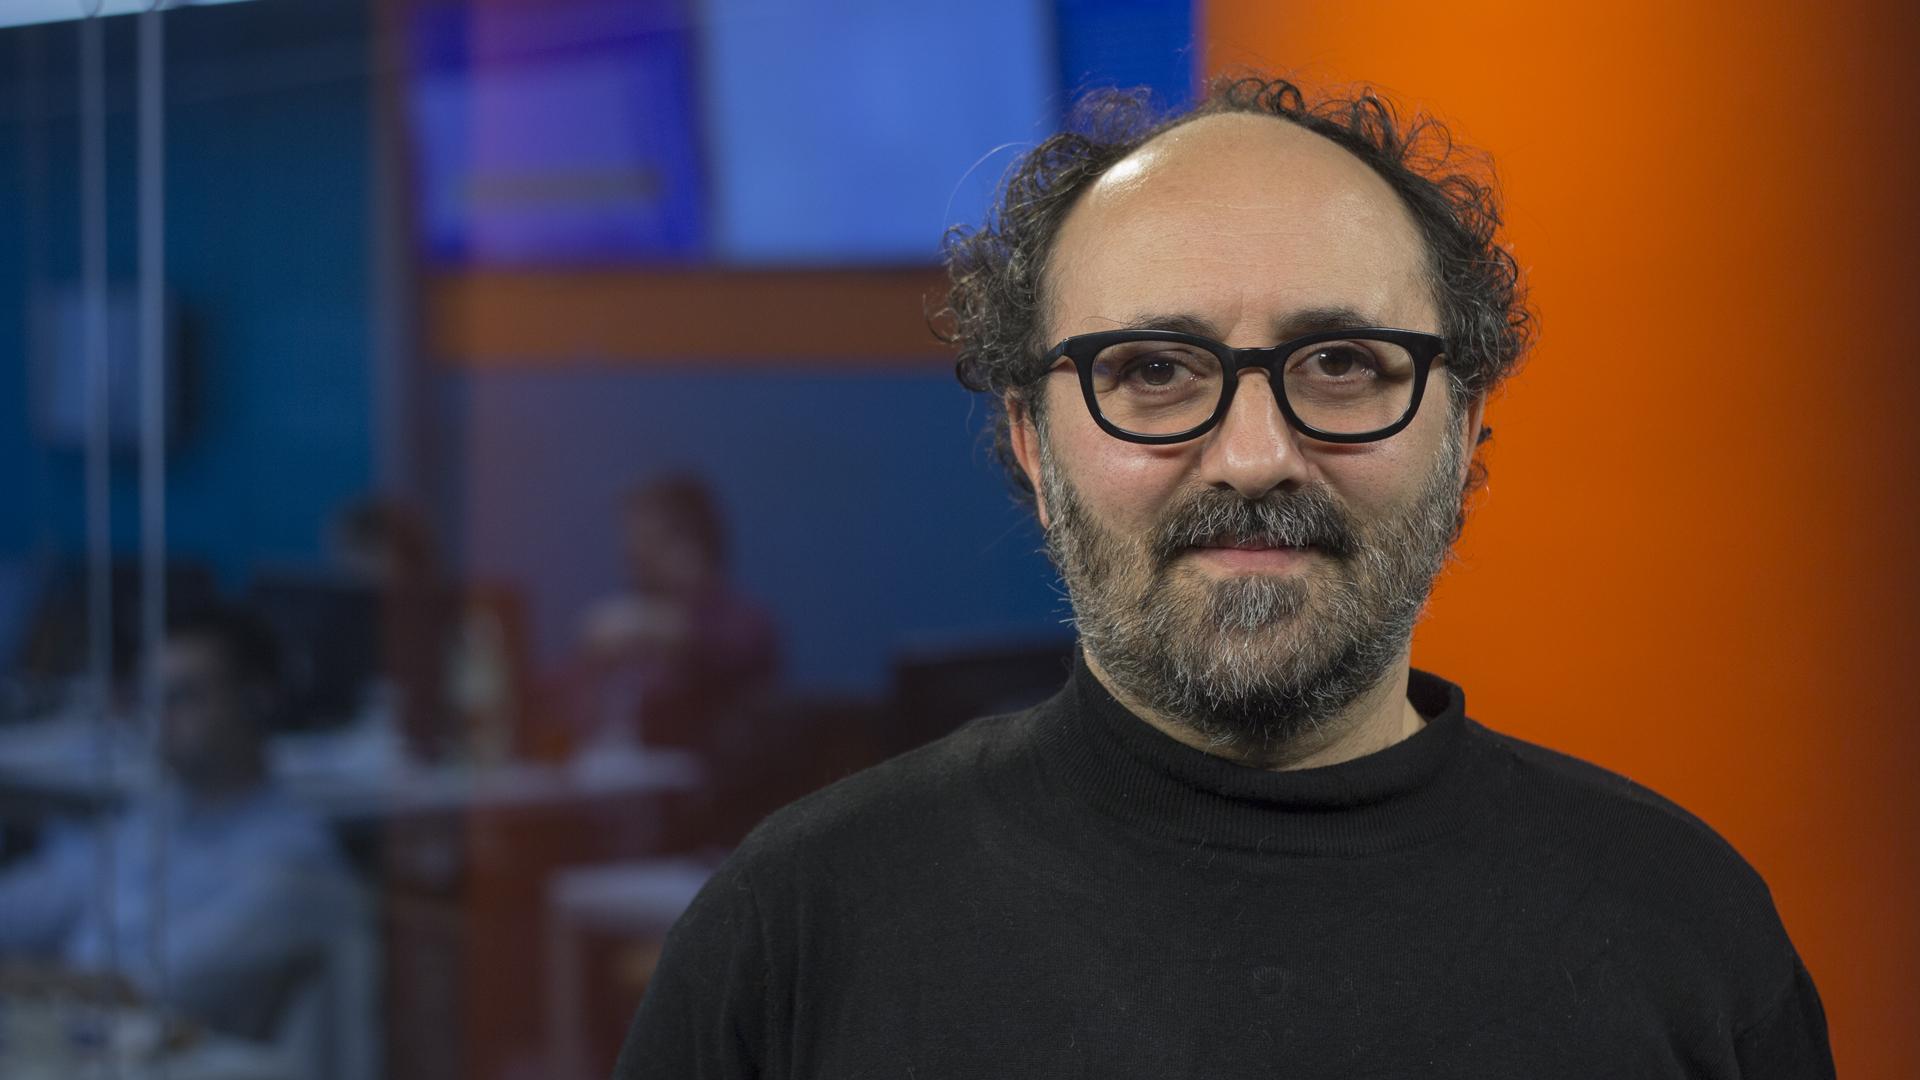 Julián López asegura que estaba trabado en la escritura hasta que comenzó a publicar pequeños fragmentos de una historia en Facebook (Foto: Santiago Saferstein)